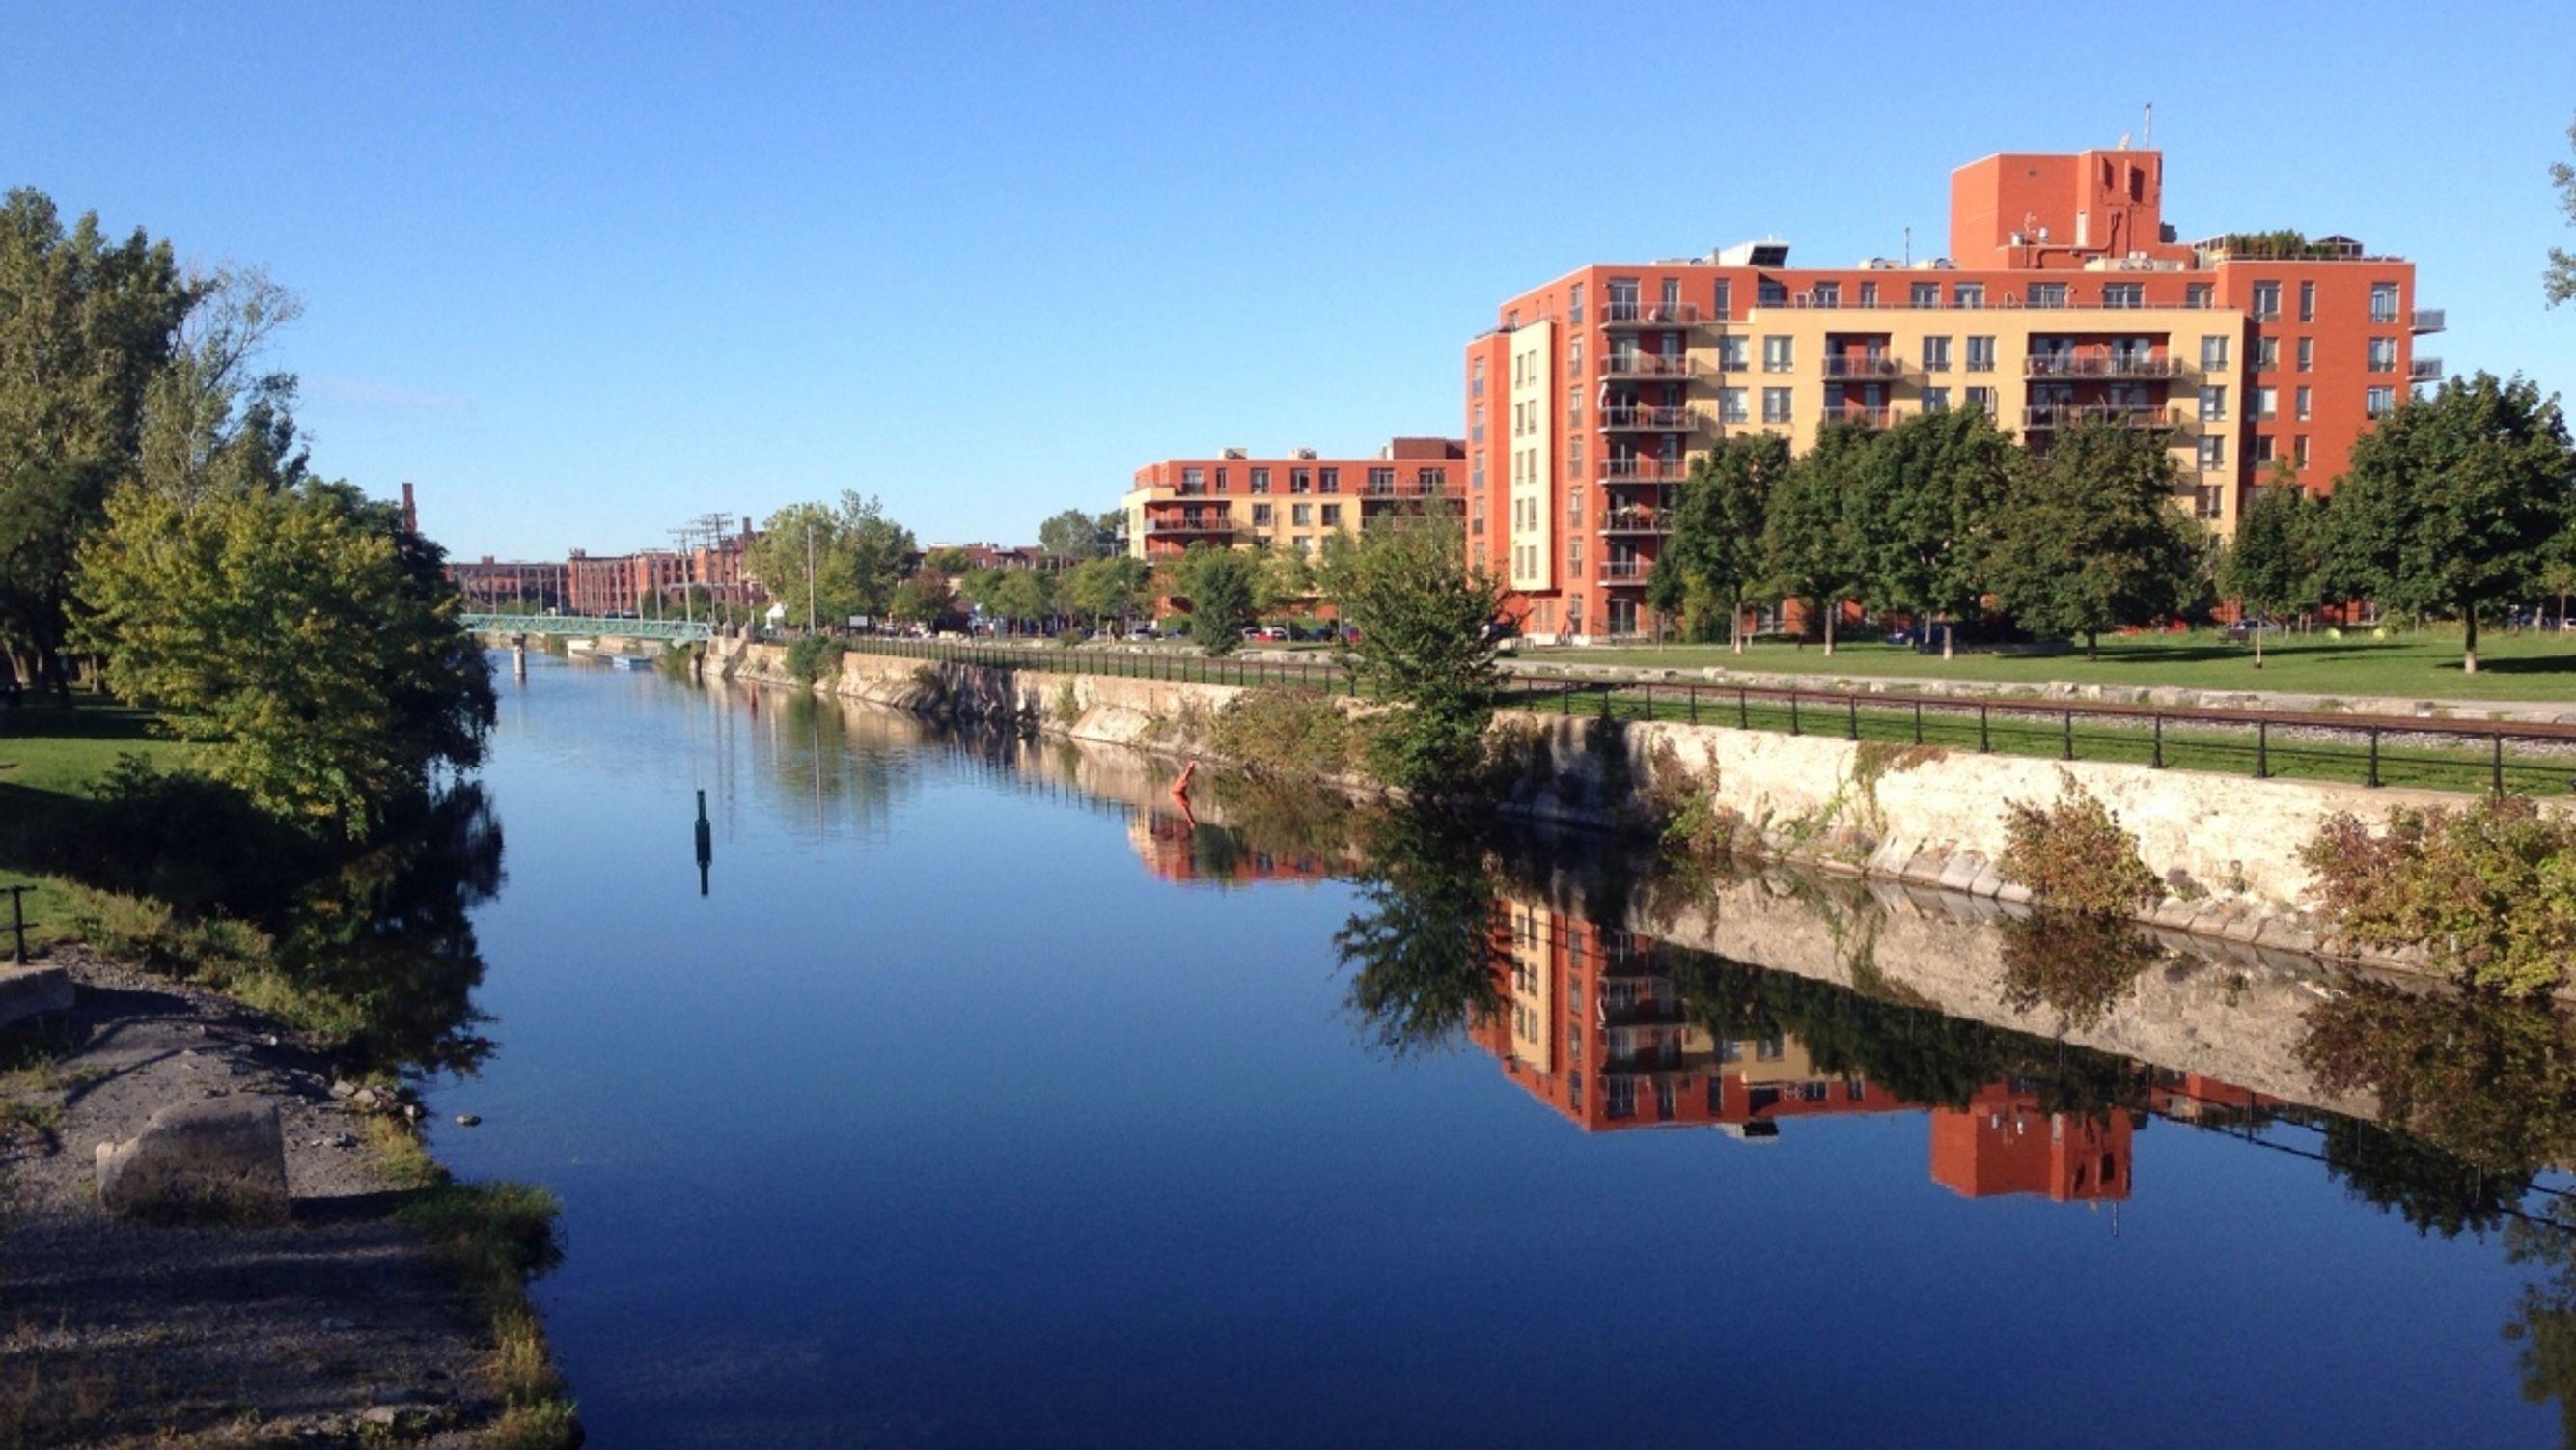 Montreal gezilecek yerler** listesindeki bir diğer isim Lachine Canal.